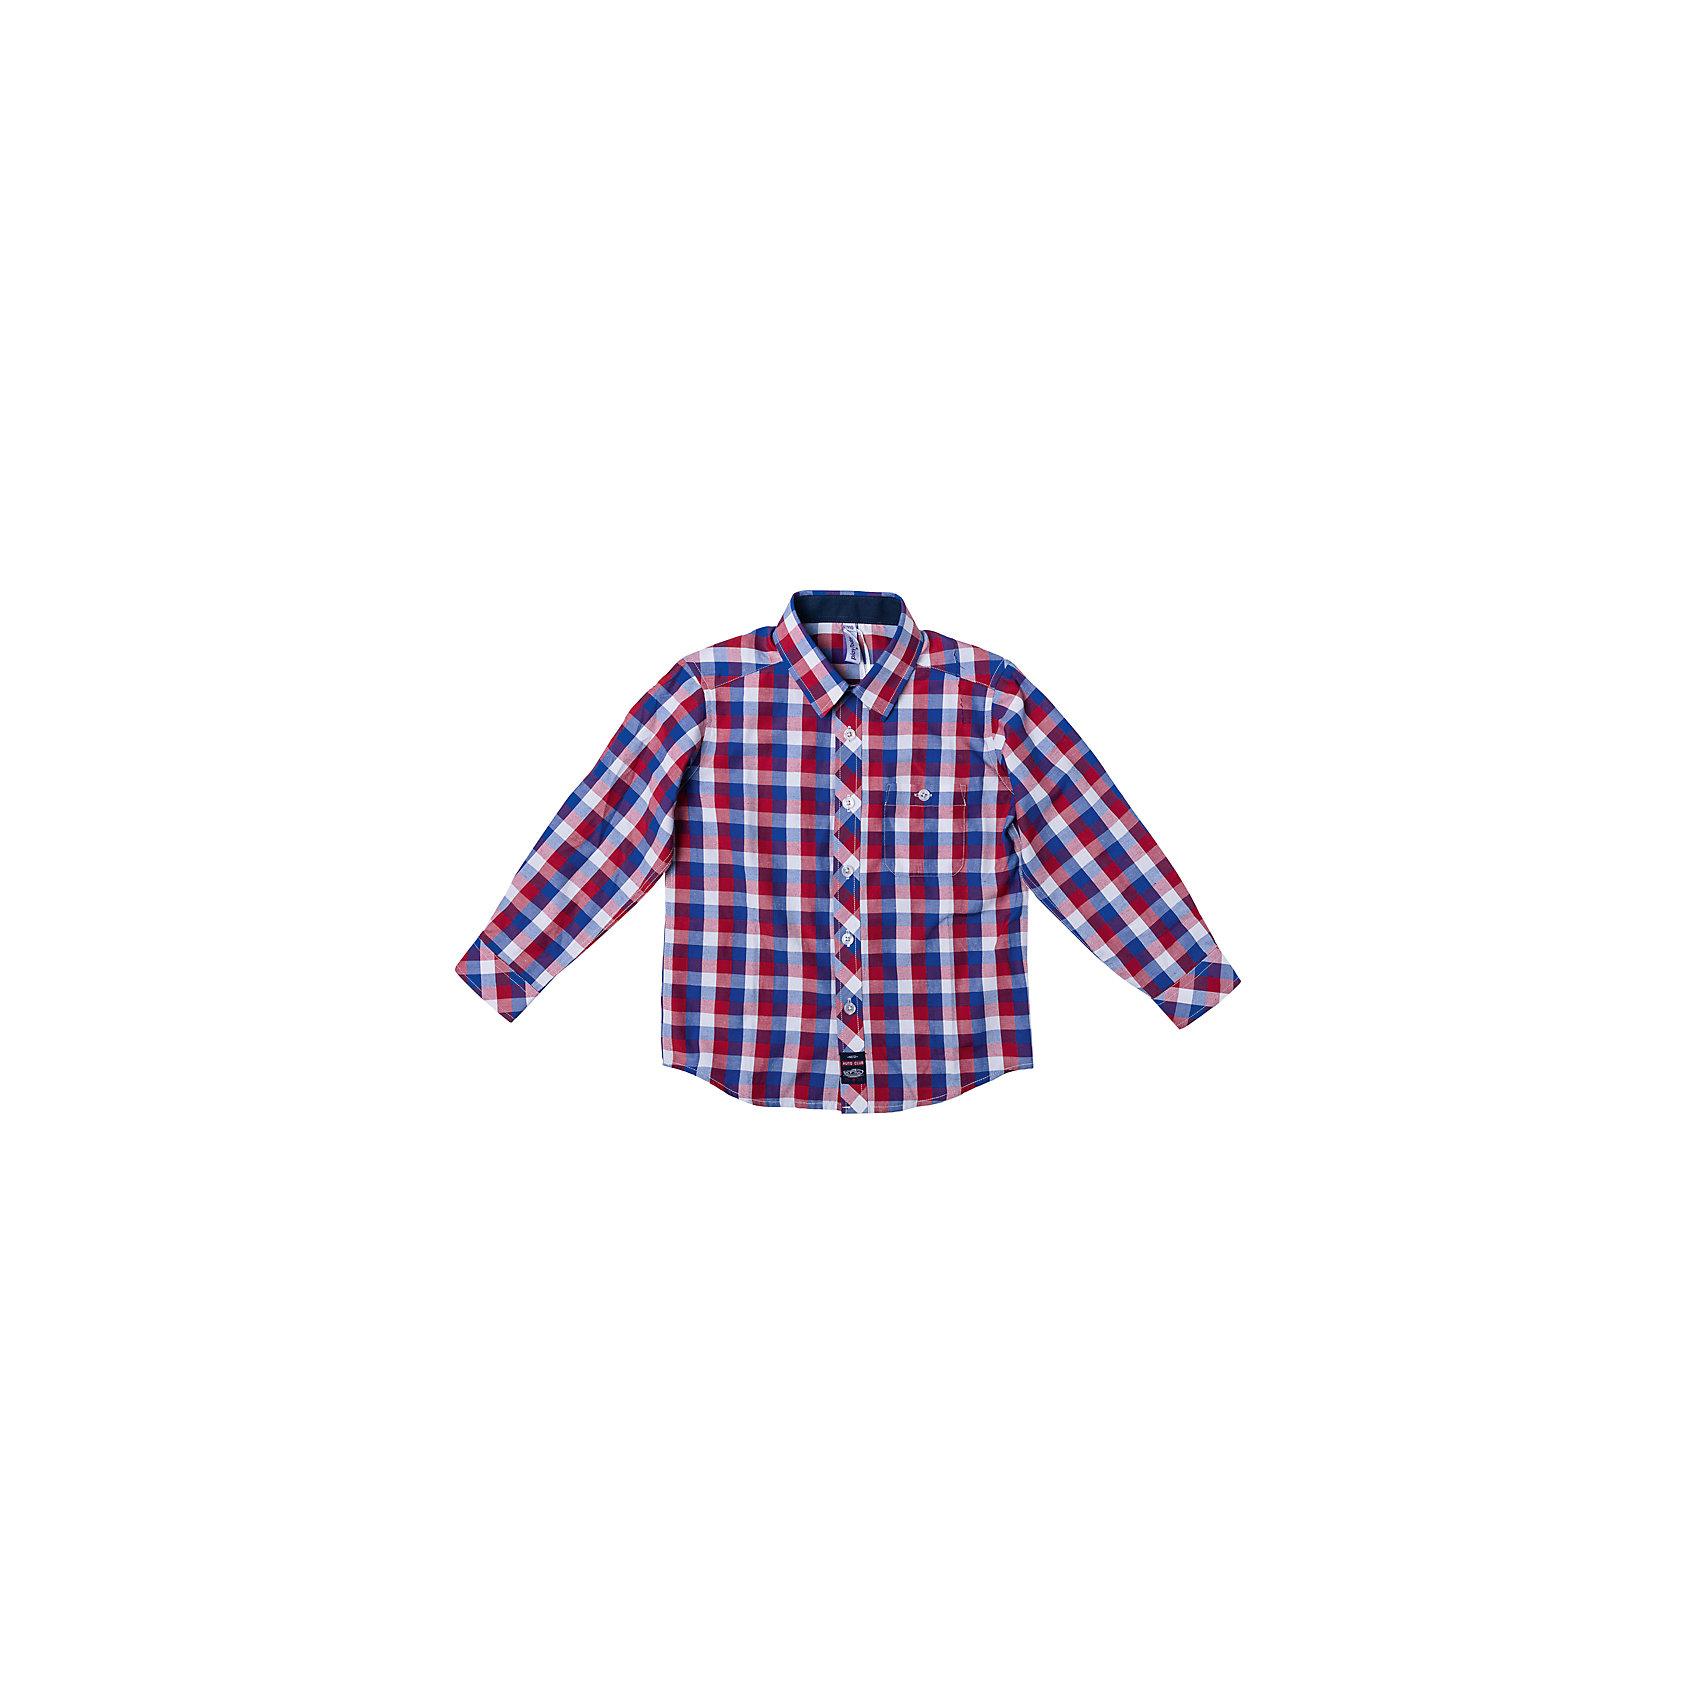 Рубашка для мальчика PlayTodayБлузки и рубашки<br>Рубашка для мальчика PlayToday<br>Эффектная сорочка для мальчика в стиле кантри.  Практична и очень удобна для повседневной носки. Ткань  мягкая и приятная на ощупь, не раздражает нежную детскую кожу. Стиль отвечает всем последним тенденциям детской моды.  Рубашка с отложным воротничком и накладным карманом на пуговице. Даже в самой активной игре  Ваш ребенок будет всегда иметь аккуратный вид. <br><br>Преимущества: <br><br>Качественная тонкая ткань не раздражает нежную кожу ребенка<br>Отложной воротник и карман на пуговице<br>Уплотненные манжеты<br><br>Состав:<br>80% хлопок, 20% полиэстер<br><br>Ширина мм: 174<br>Глубина мм: 10<br>Высота мм: 169<br>Вес г: 157<br>Цвет: разноцветный<br>Возраст от месяцев: 84<br>Возраст до месяцев: 96<br>Пол: Мужской<br>Возраст: Детский<br>Размер: 128,98,104,110,116,122<br>SKU: 5401936